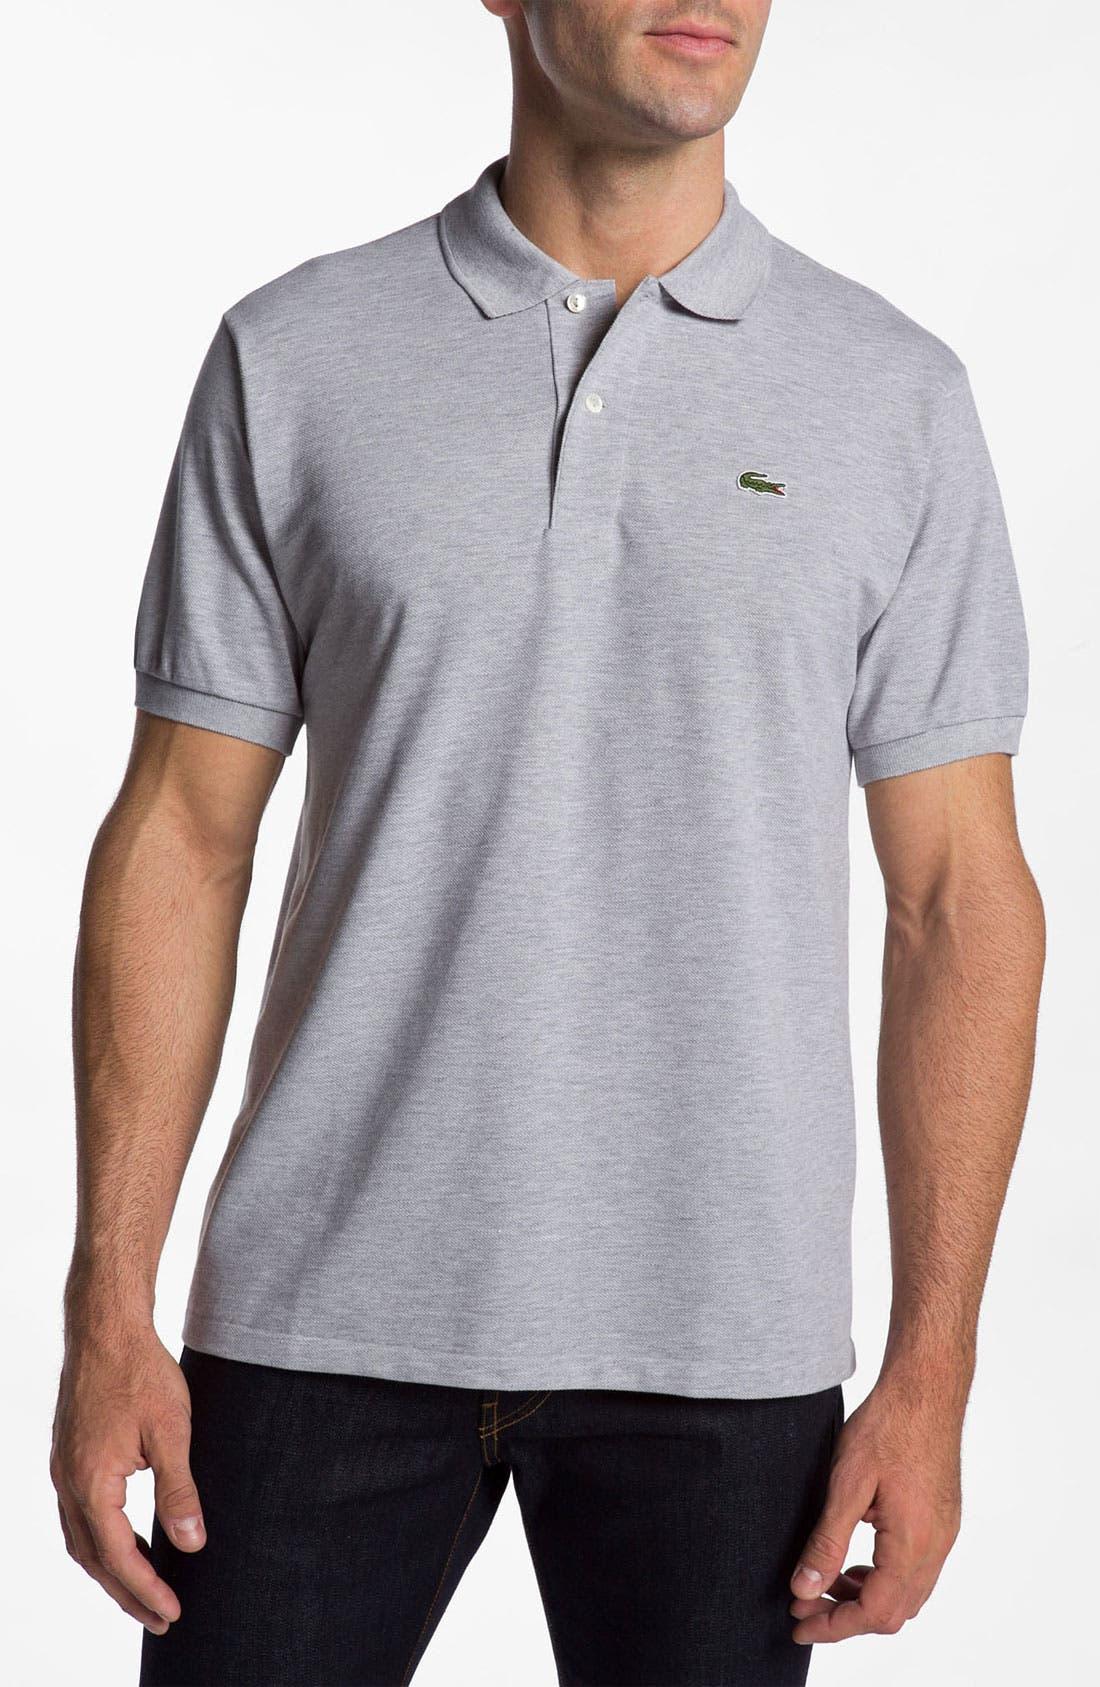 LACOSTE 'Chine' Piqué Polo, Main, color, ARGENT GREY